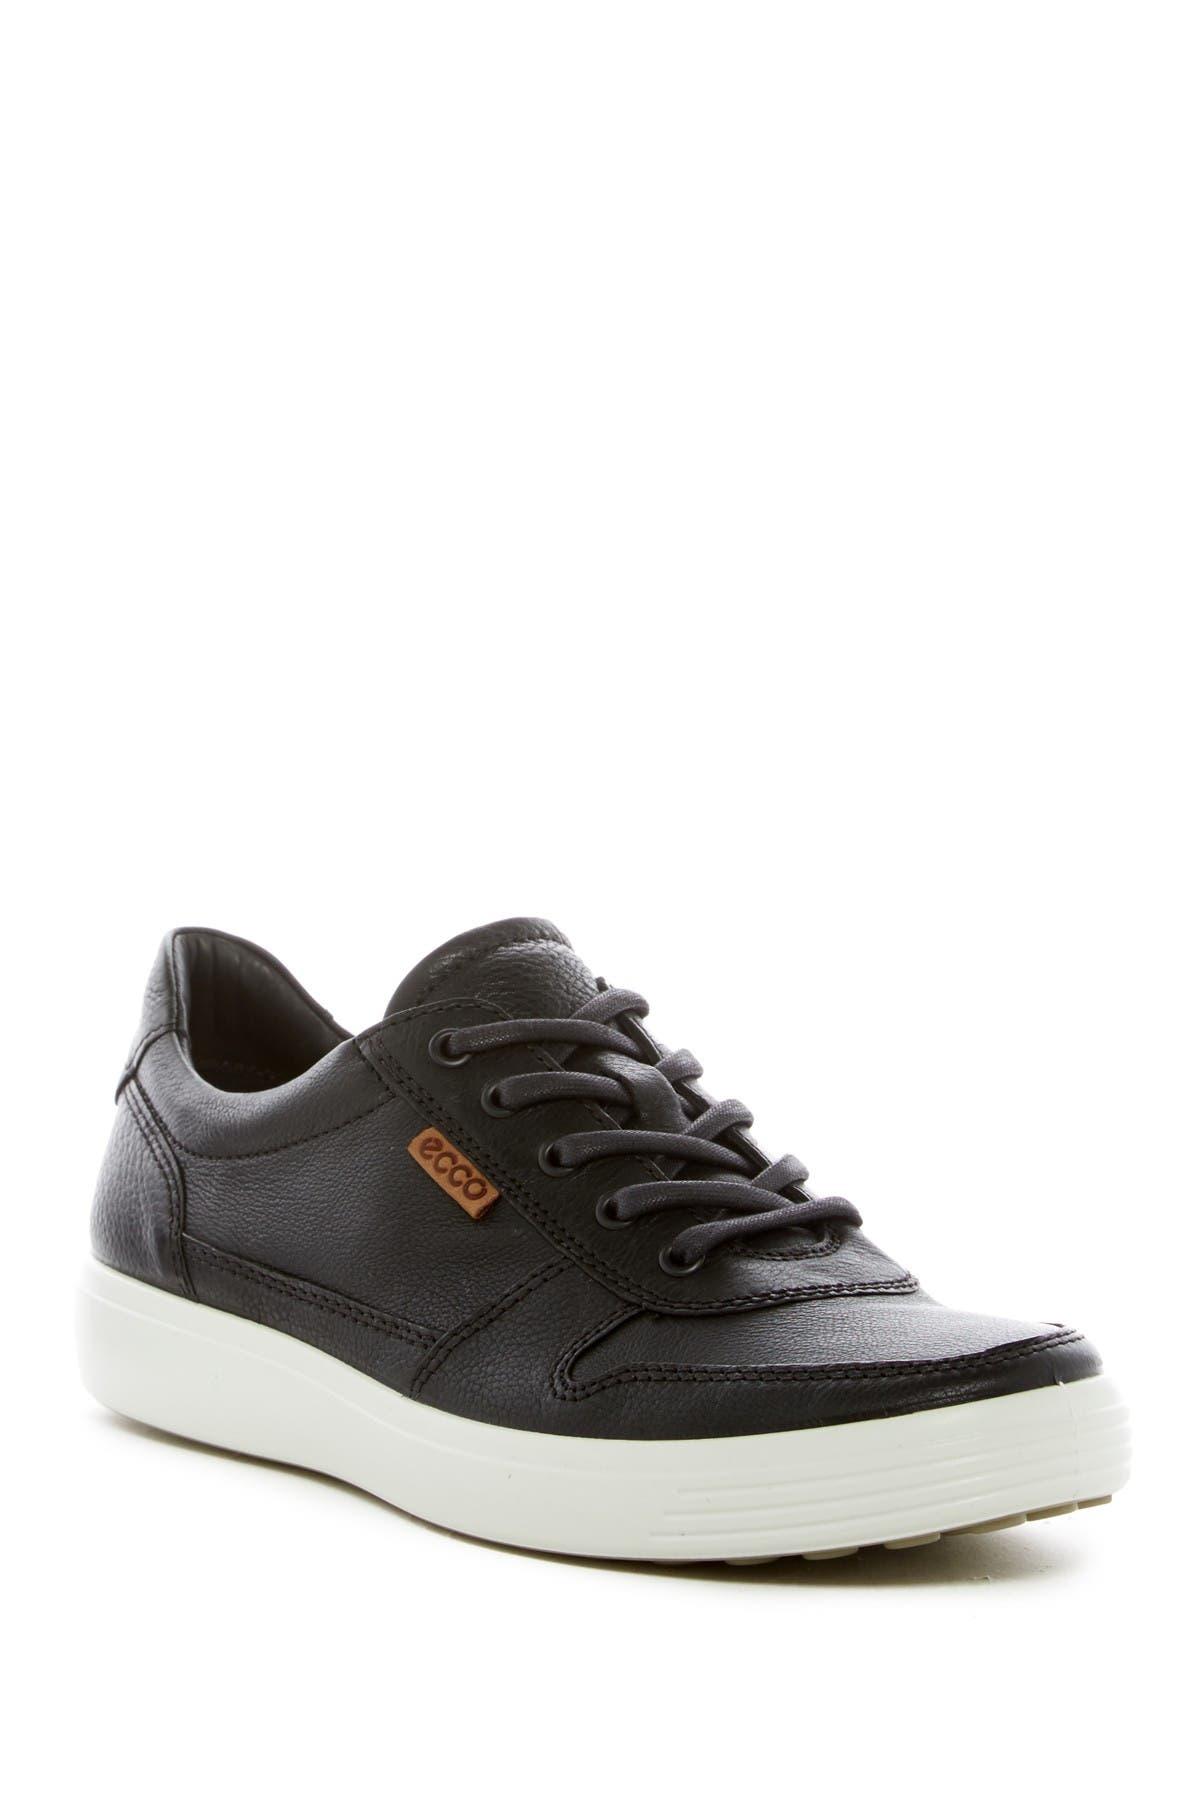 ECCO   Soft 7 Retro Sneaker   Nordstrom